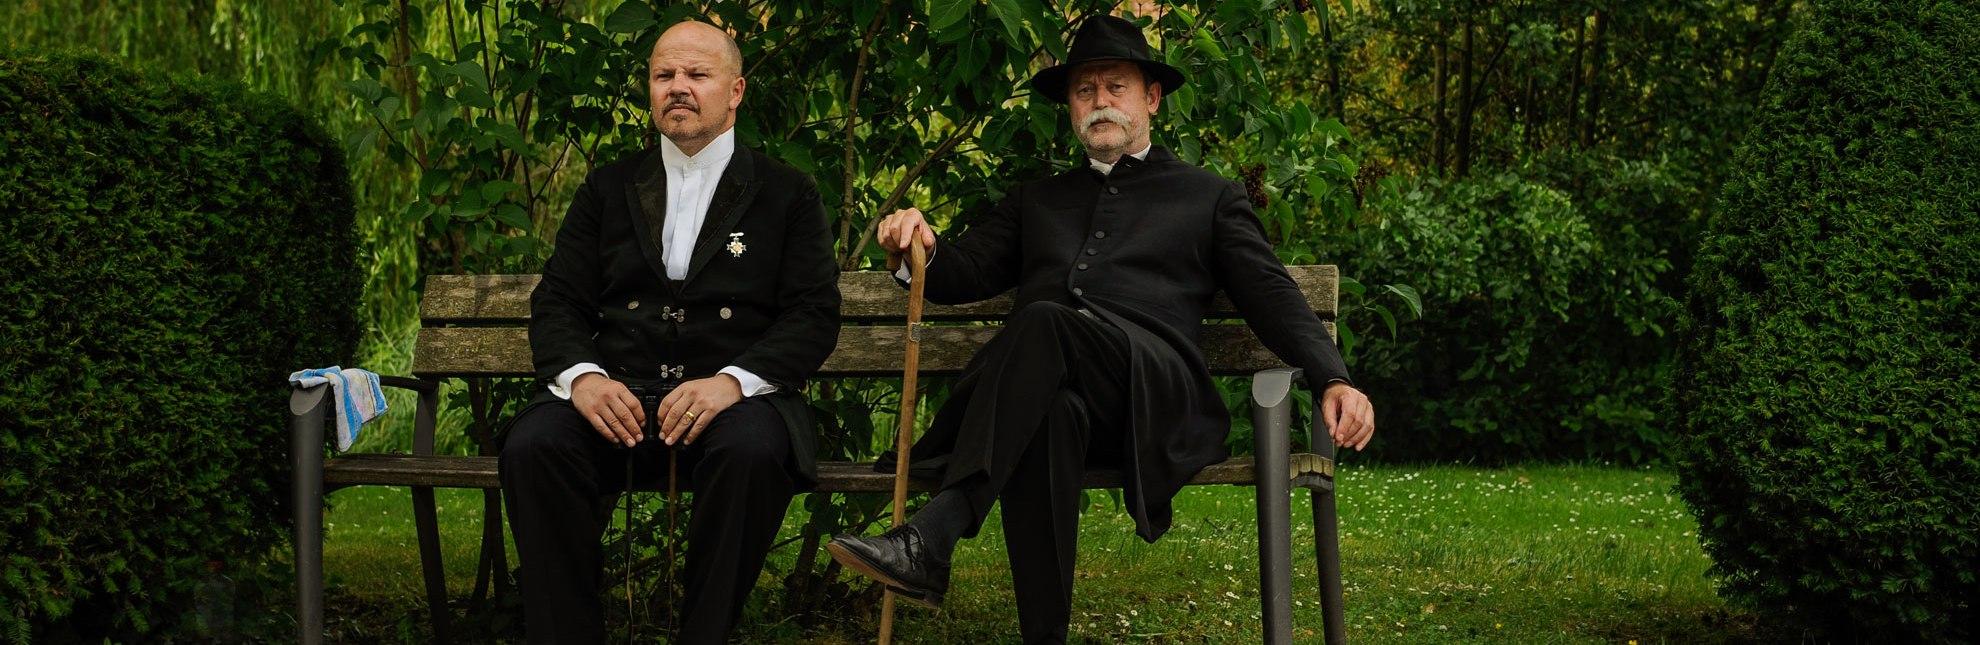 Highlight des Kultursommers 2015: Ein historischer Spaziergang mit Otto von Bismarck., © Nicole Franke / HLMS GmbH